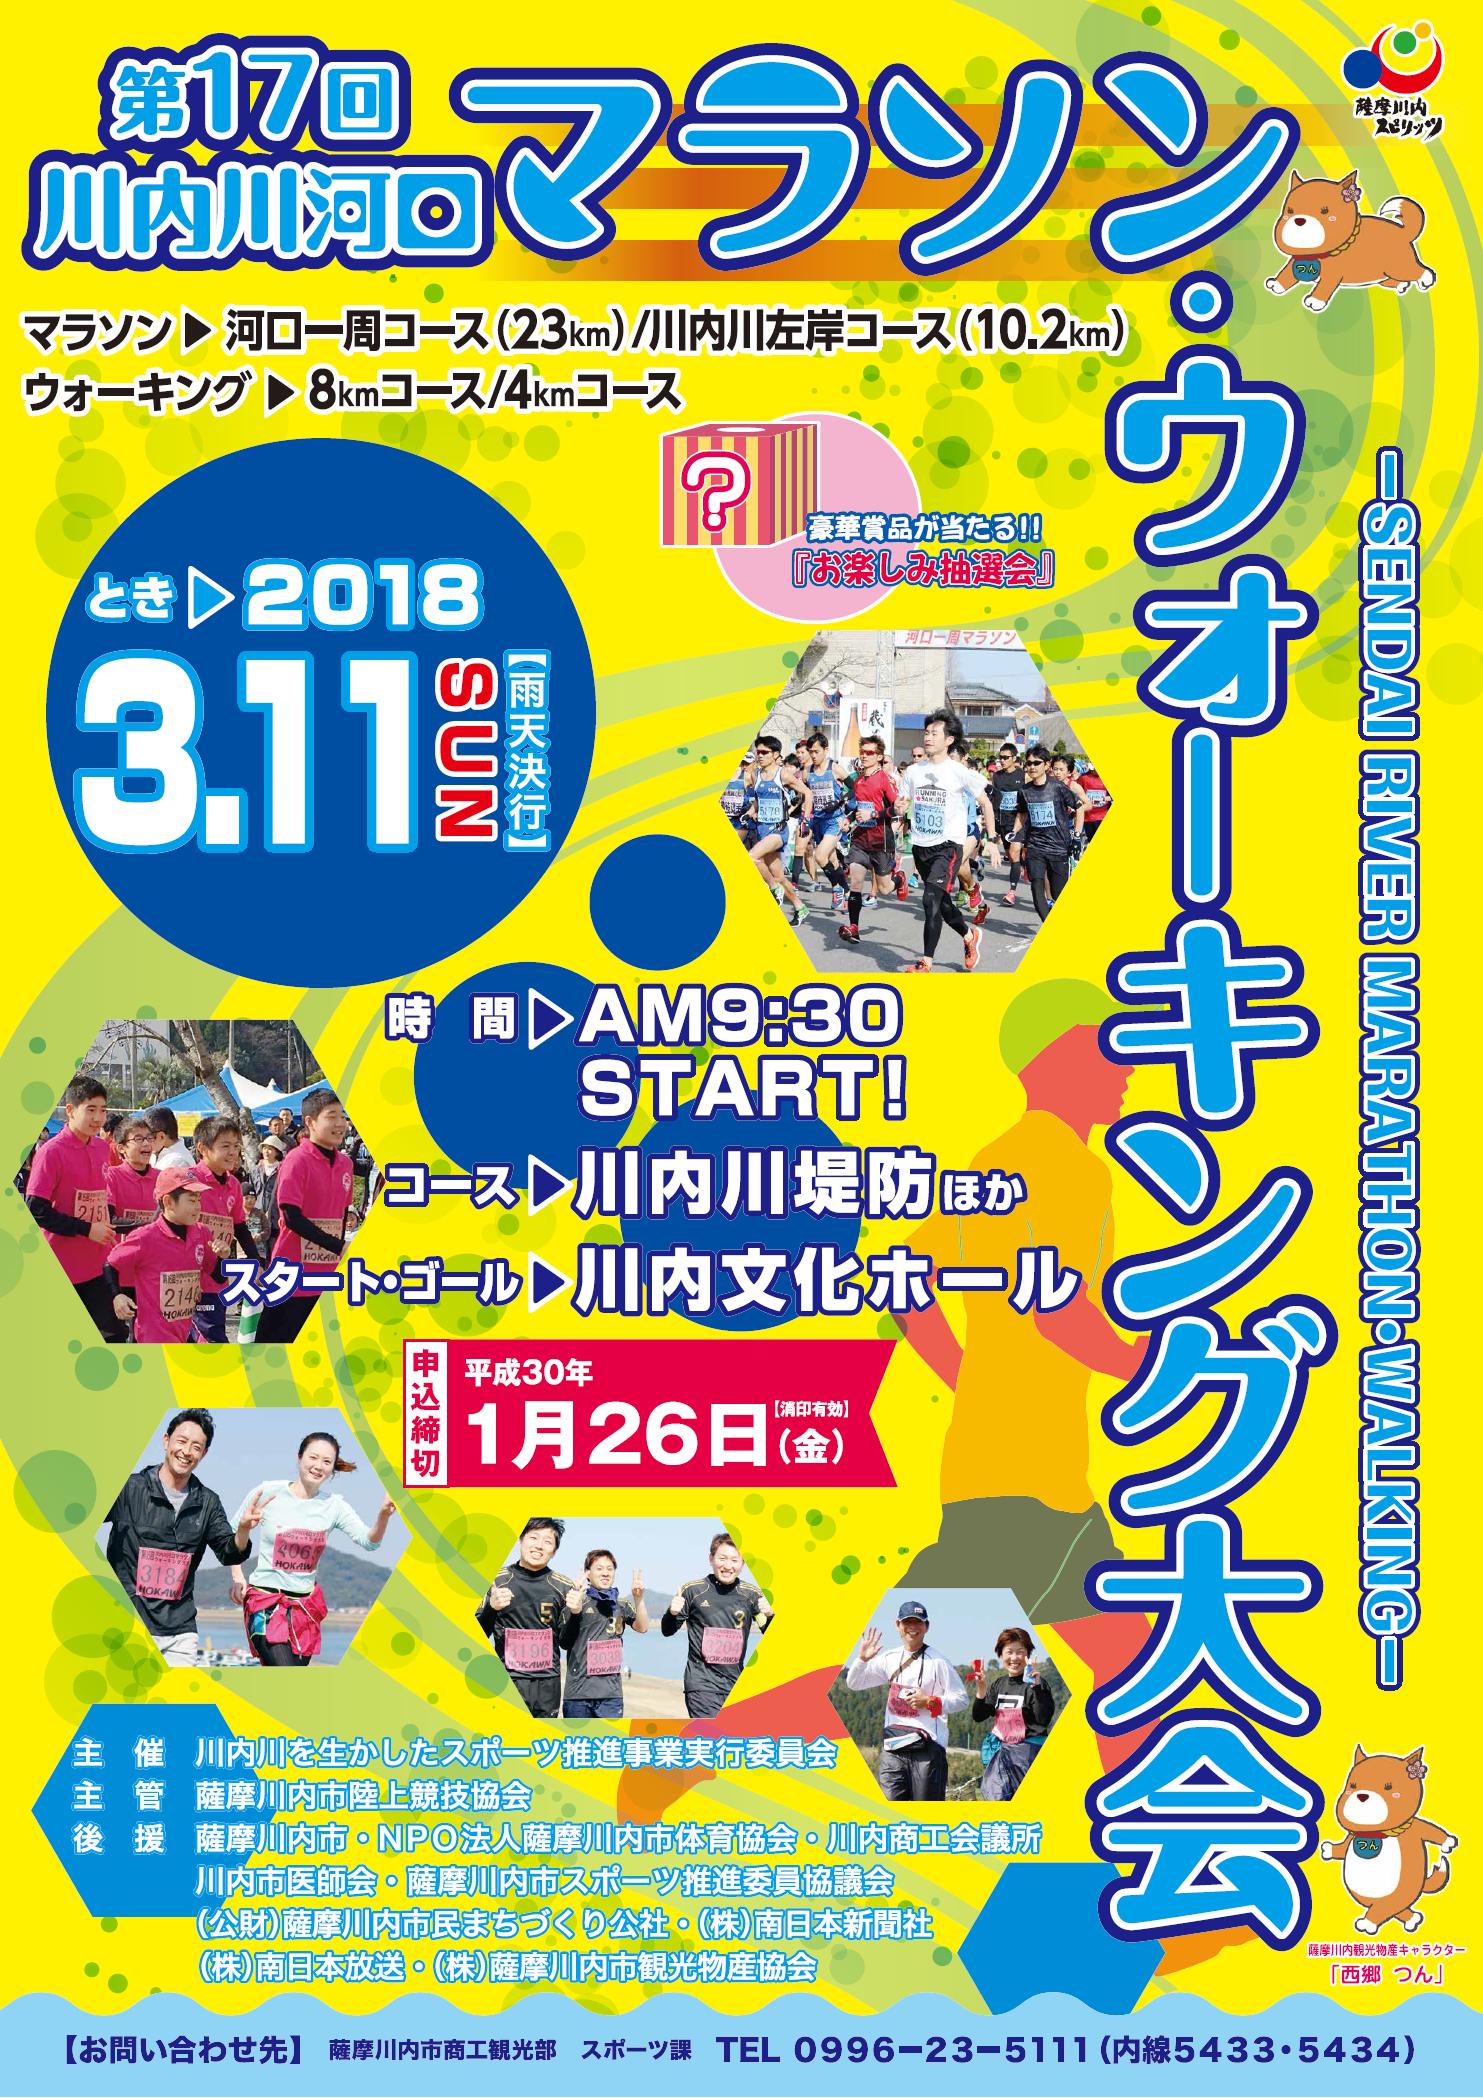 第17回川内川河口マラソン・ウォーキング大会